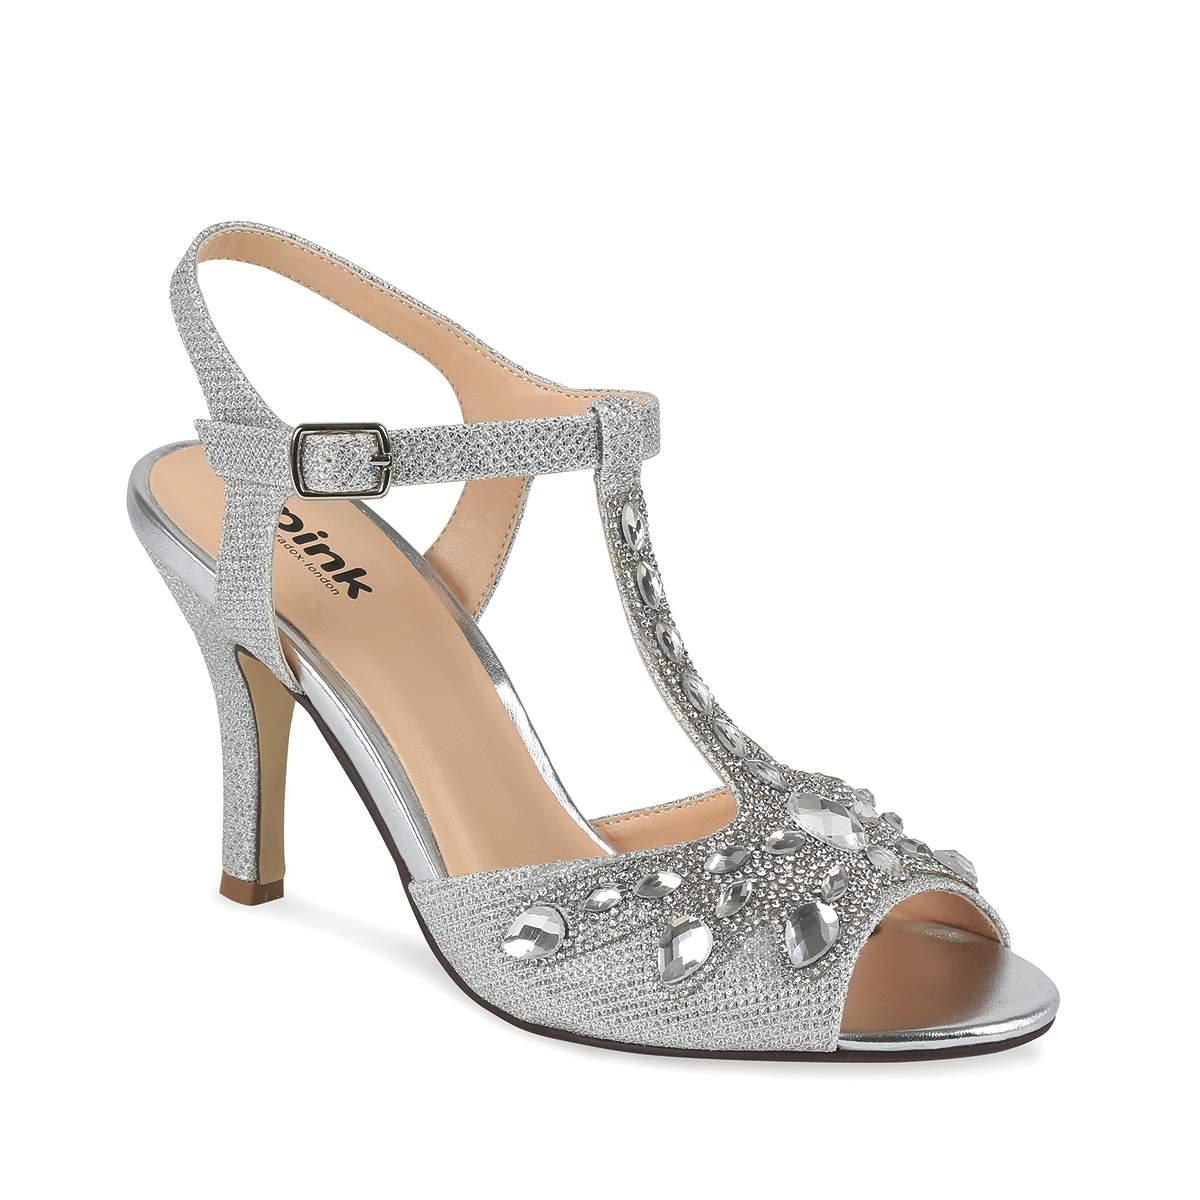 Metallic wedding shoes